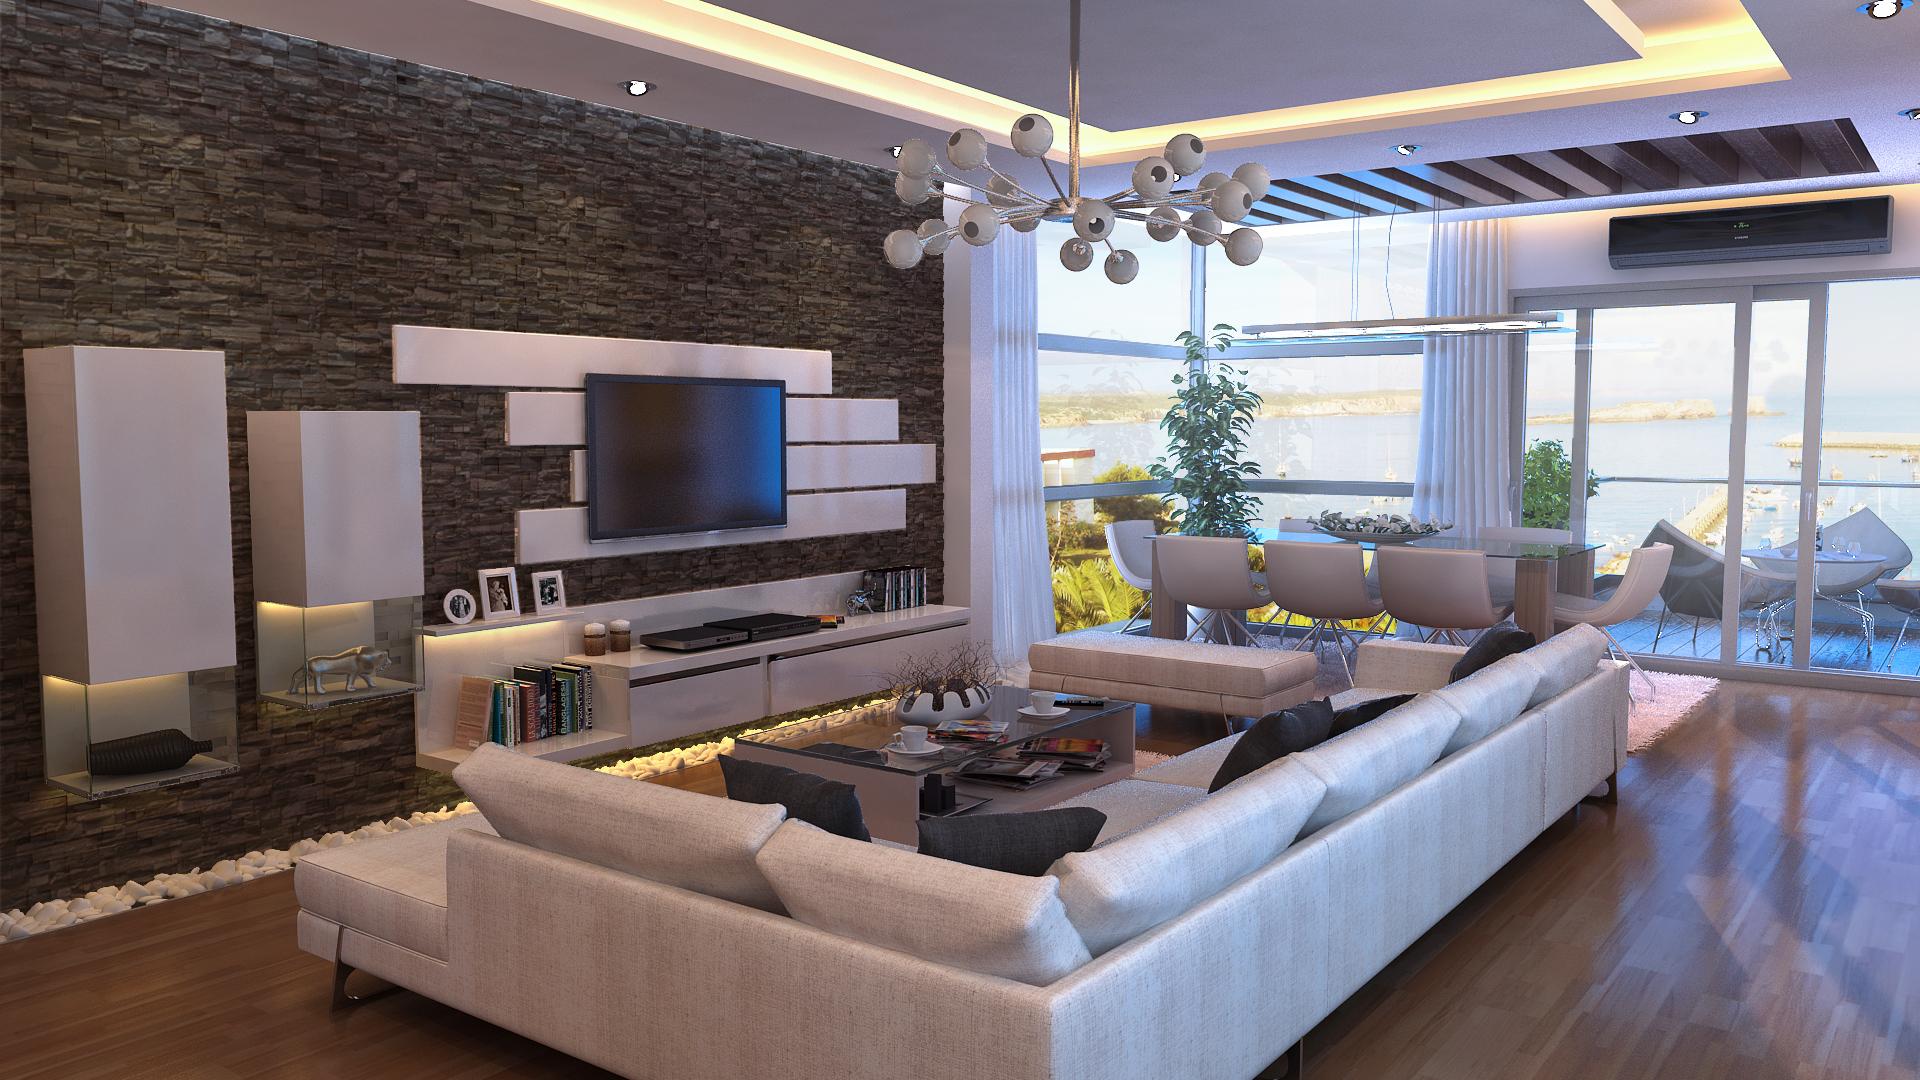 Wohnzimmer einrichtungsideen landhausstil